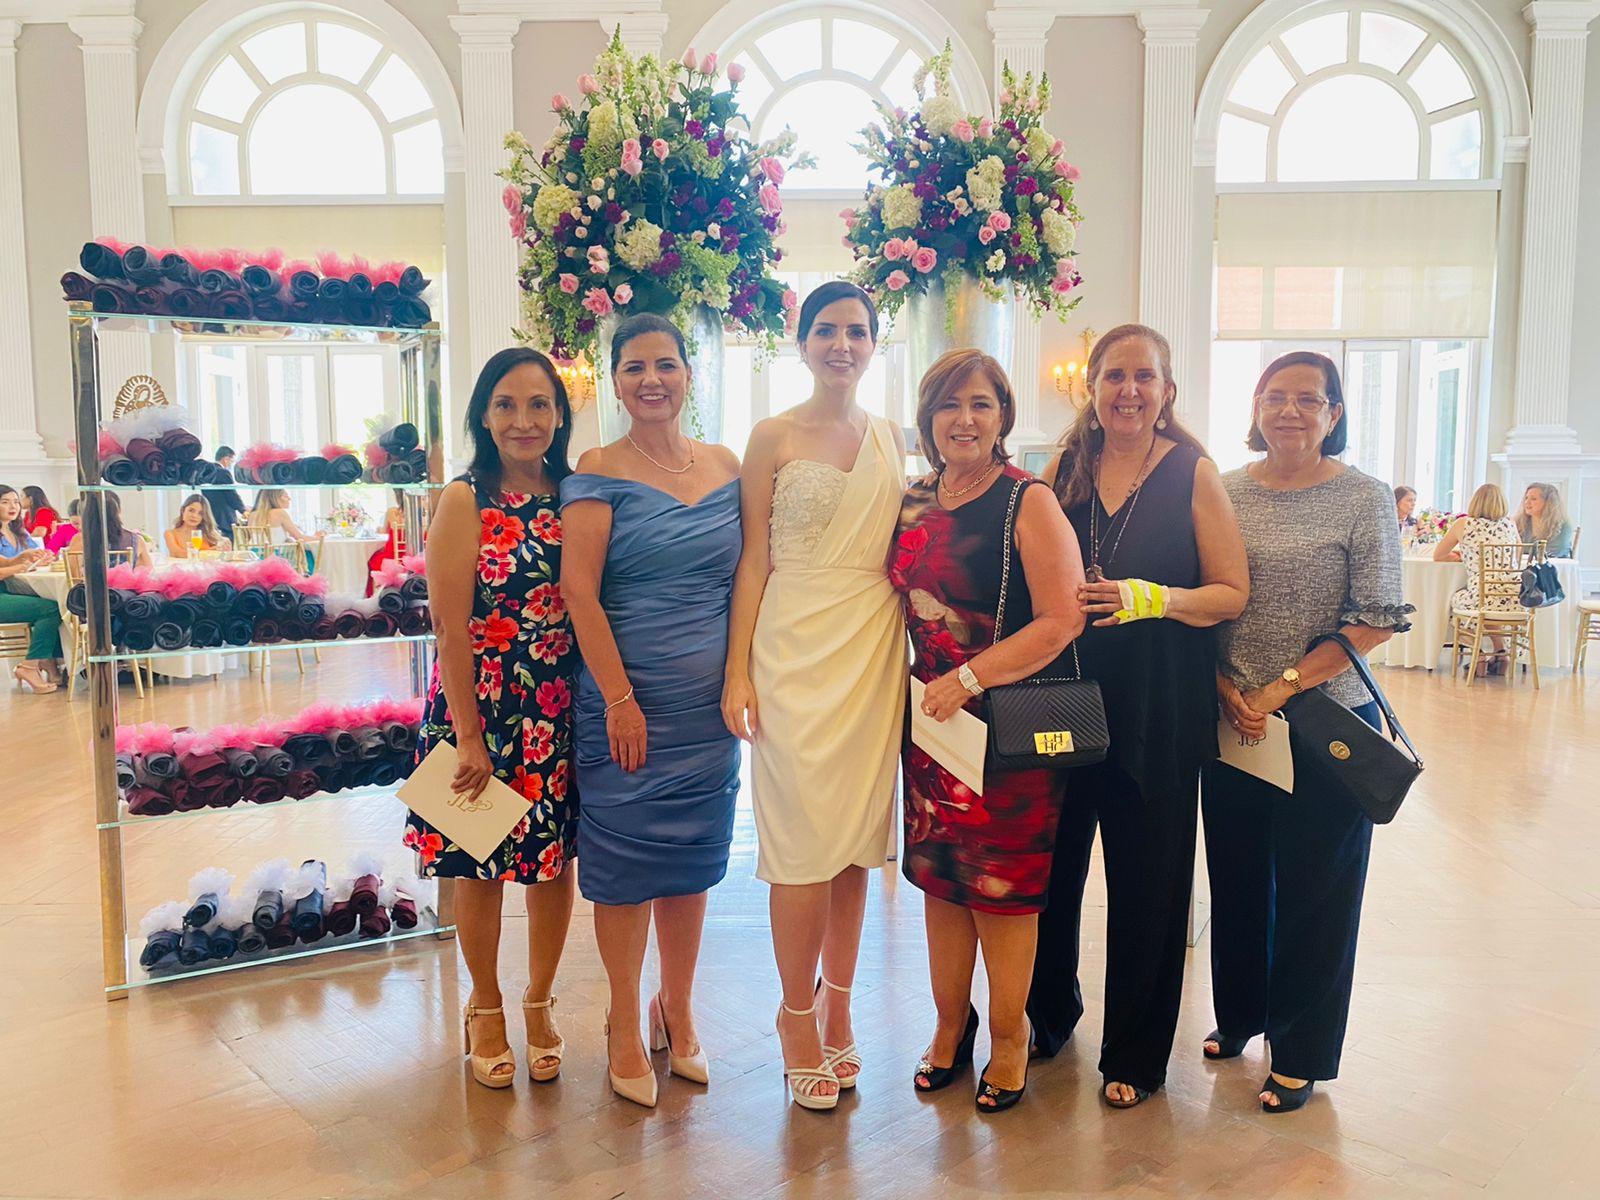 Elsa Rodríguez, Marcela De la Garza, la festejada, Silvia Leal, Marilupe Abramo y Patricia García.